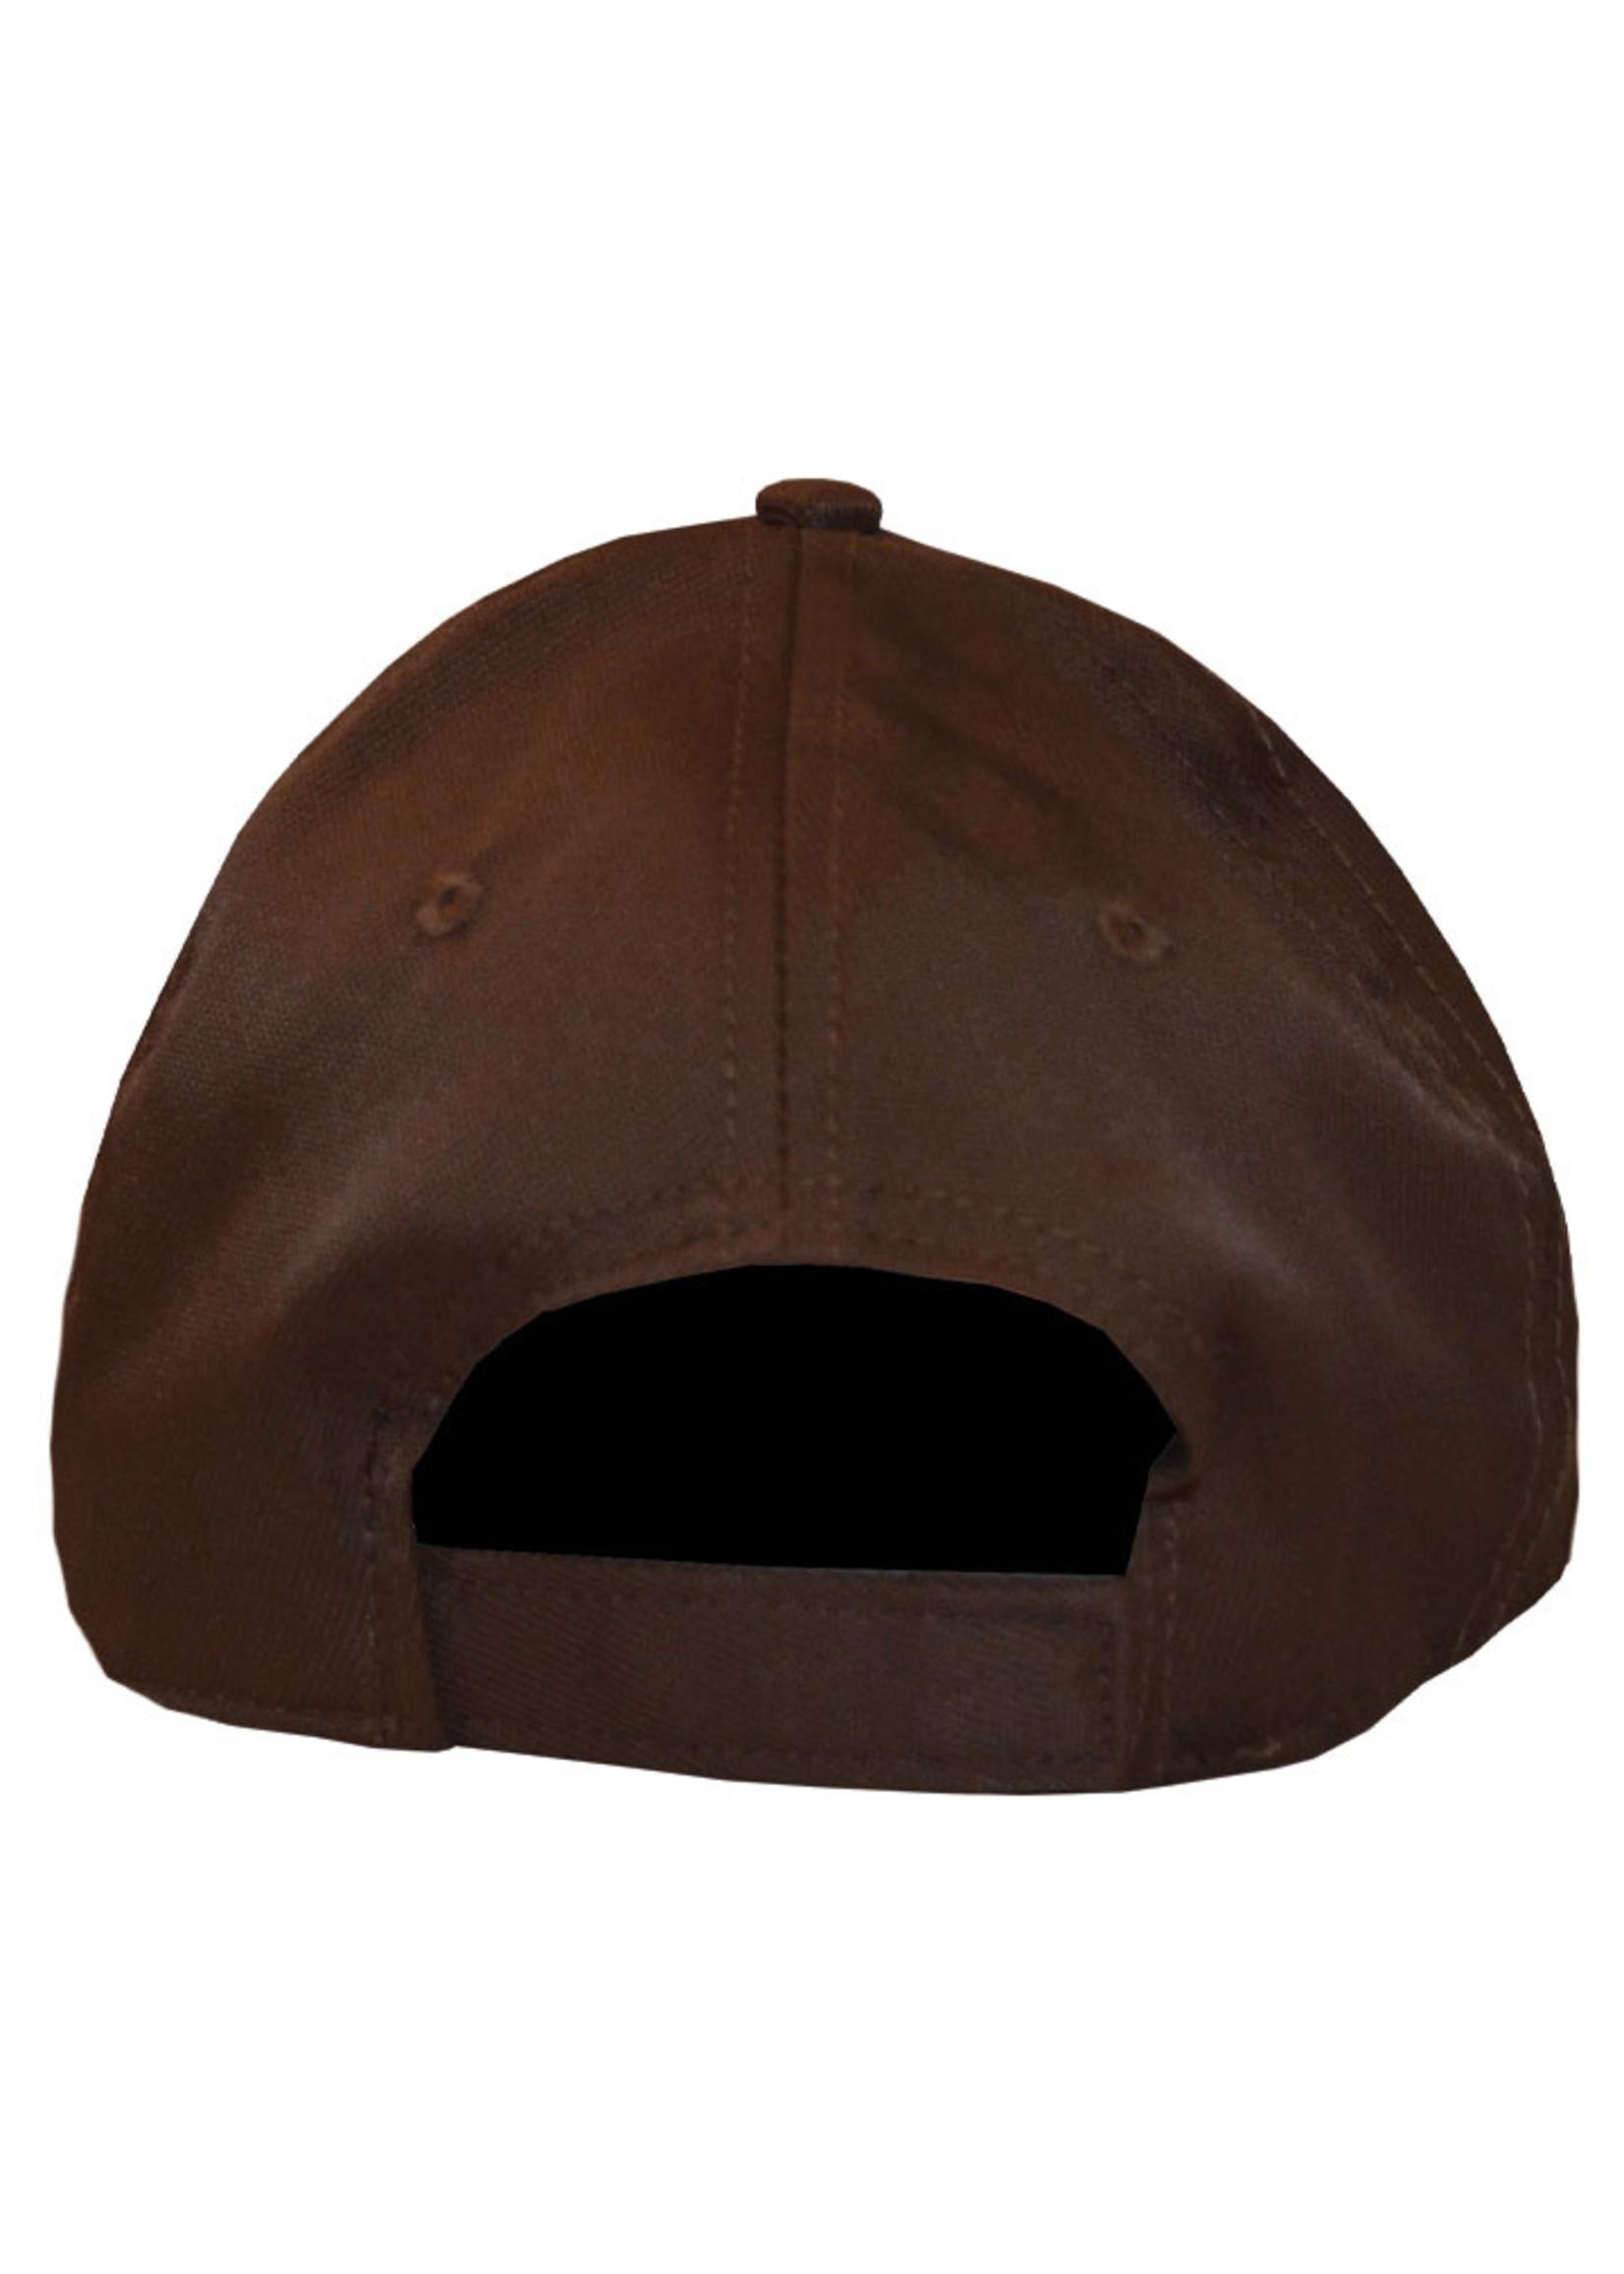 Cleveland Browns Basic Adjustable Hat